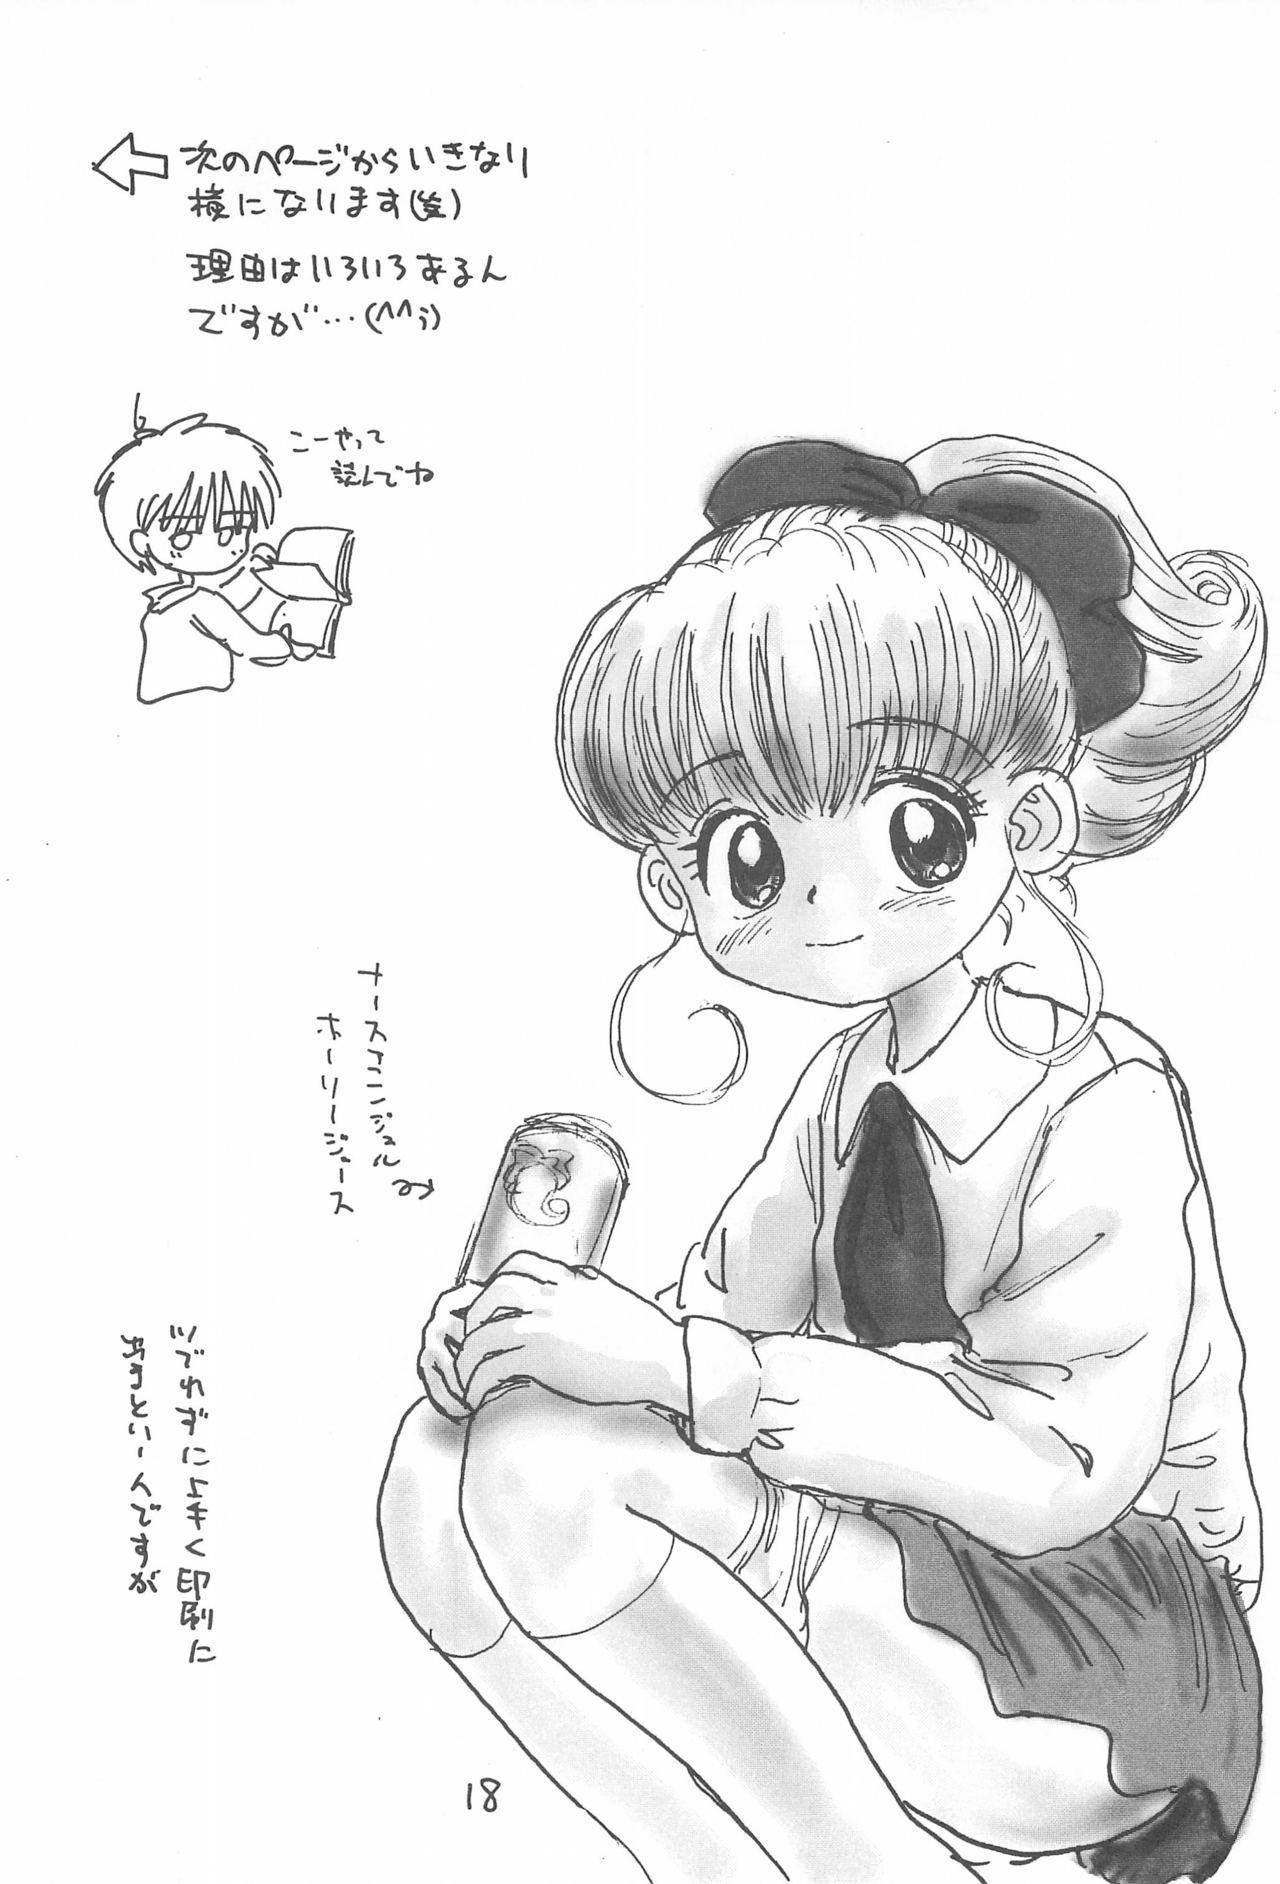 Kinyoubi R 17